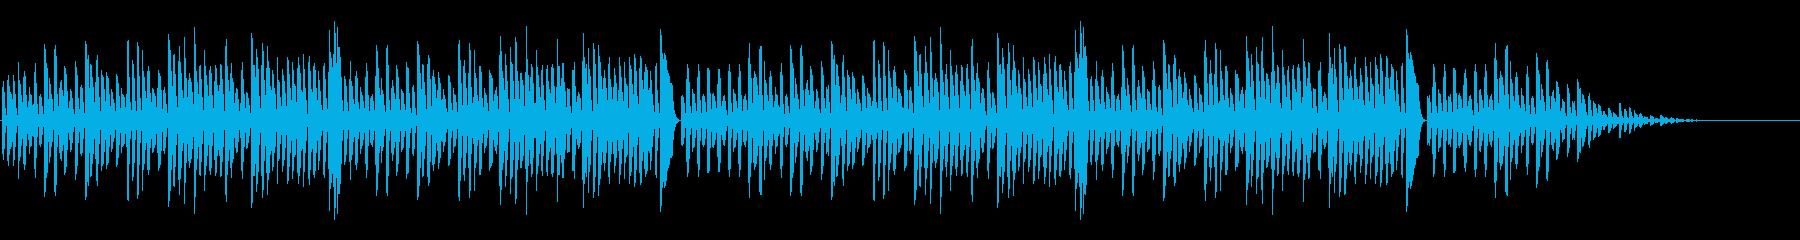 「森のくまさん」シンプルなピアノソロの再生済みの波形